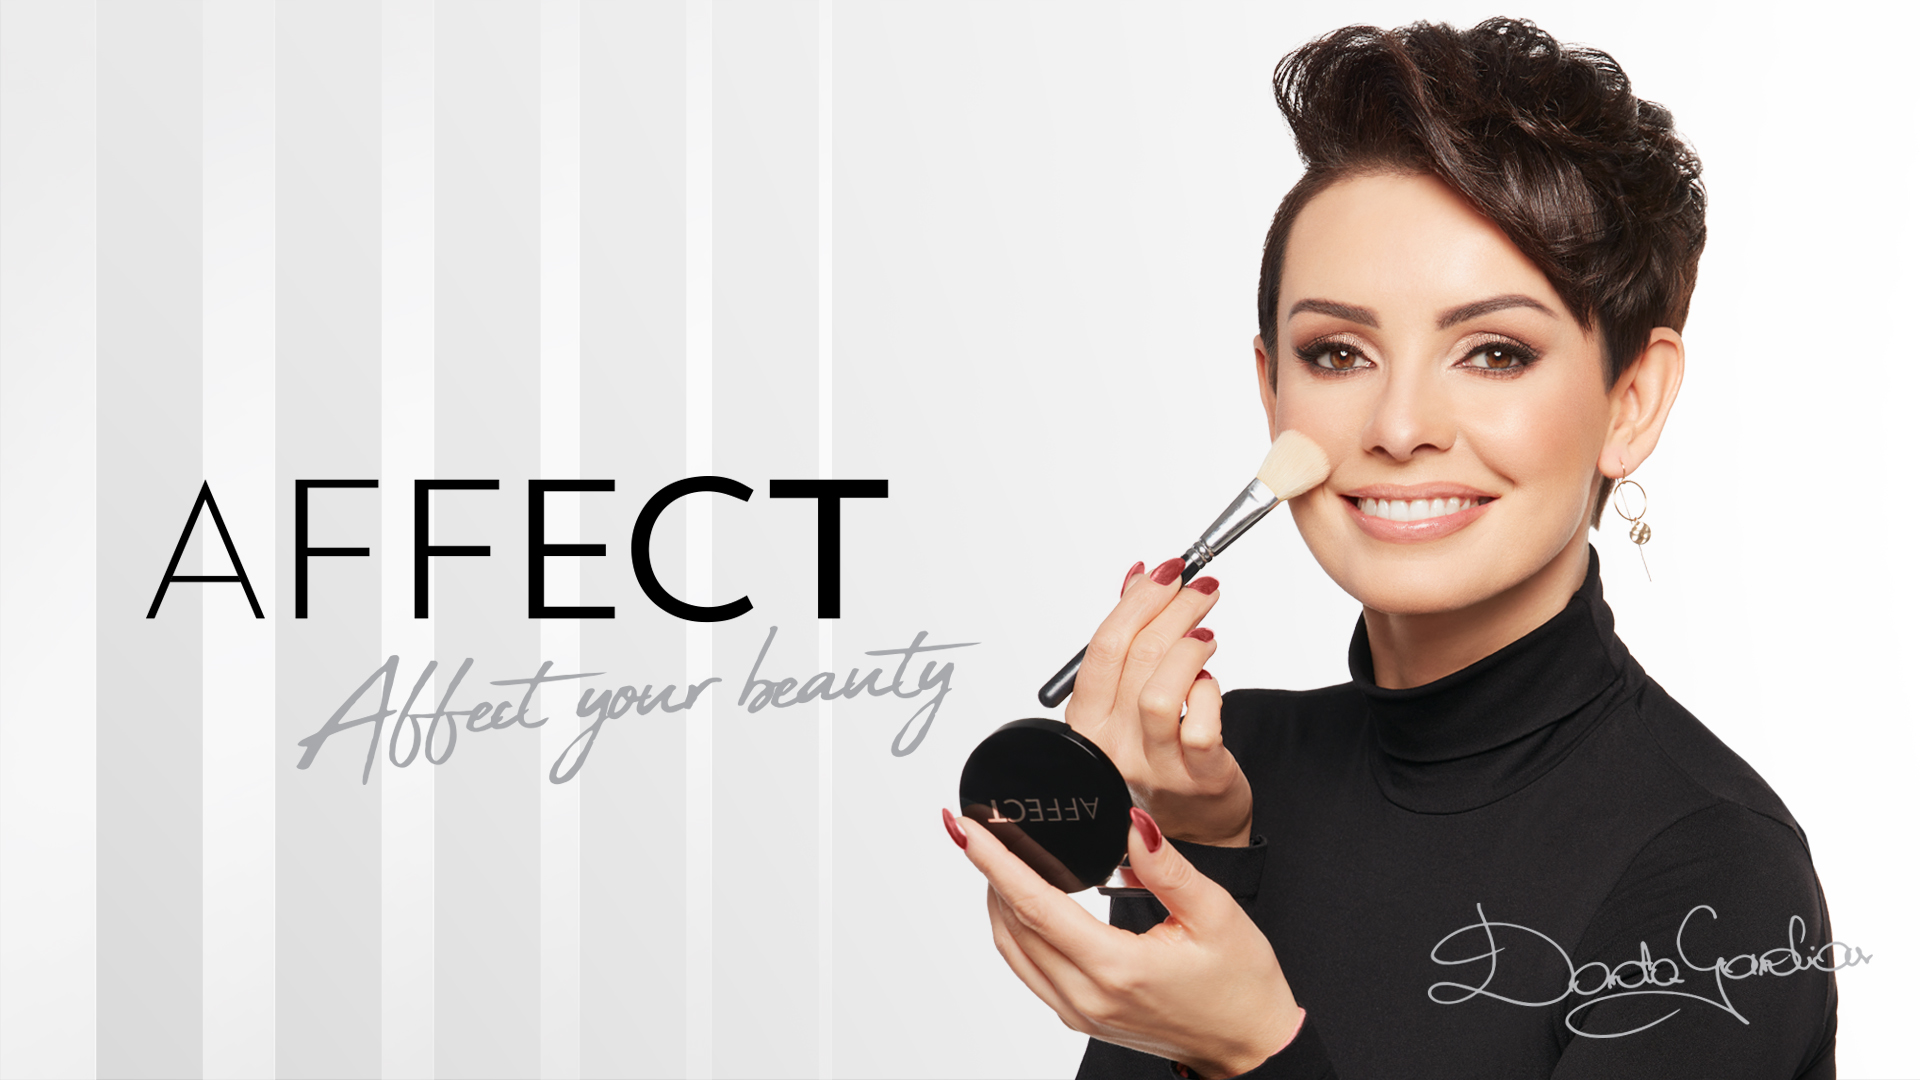 Poznaj ulubione produkty Doroty Gardias marki Affect!